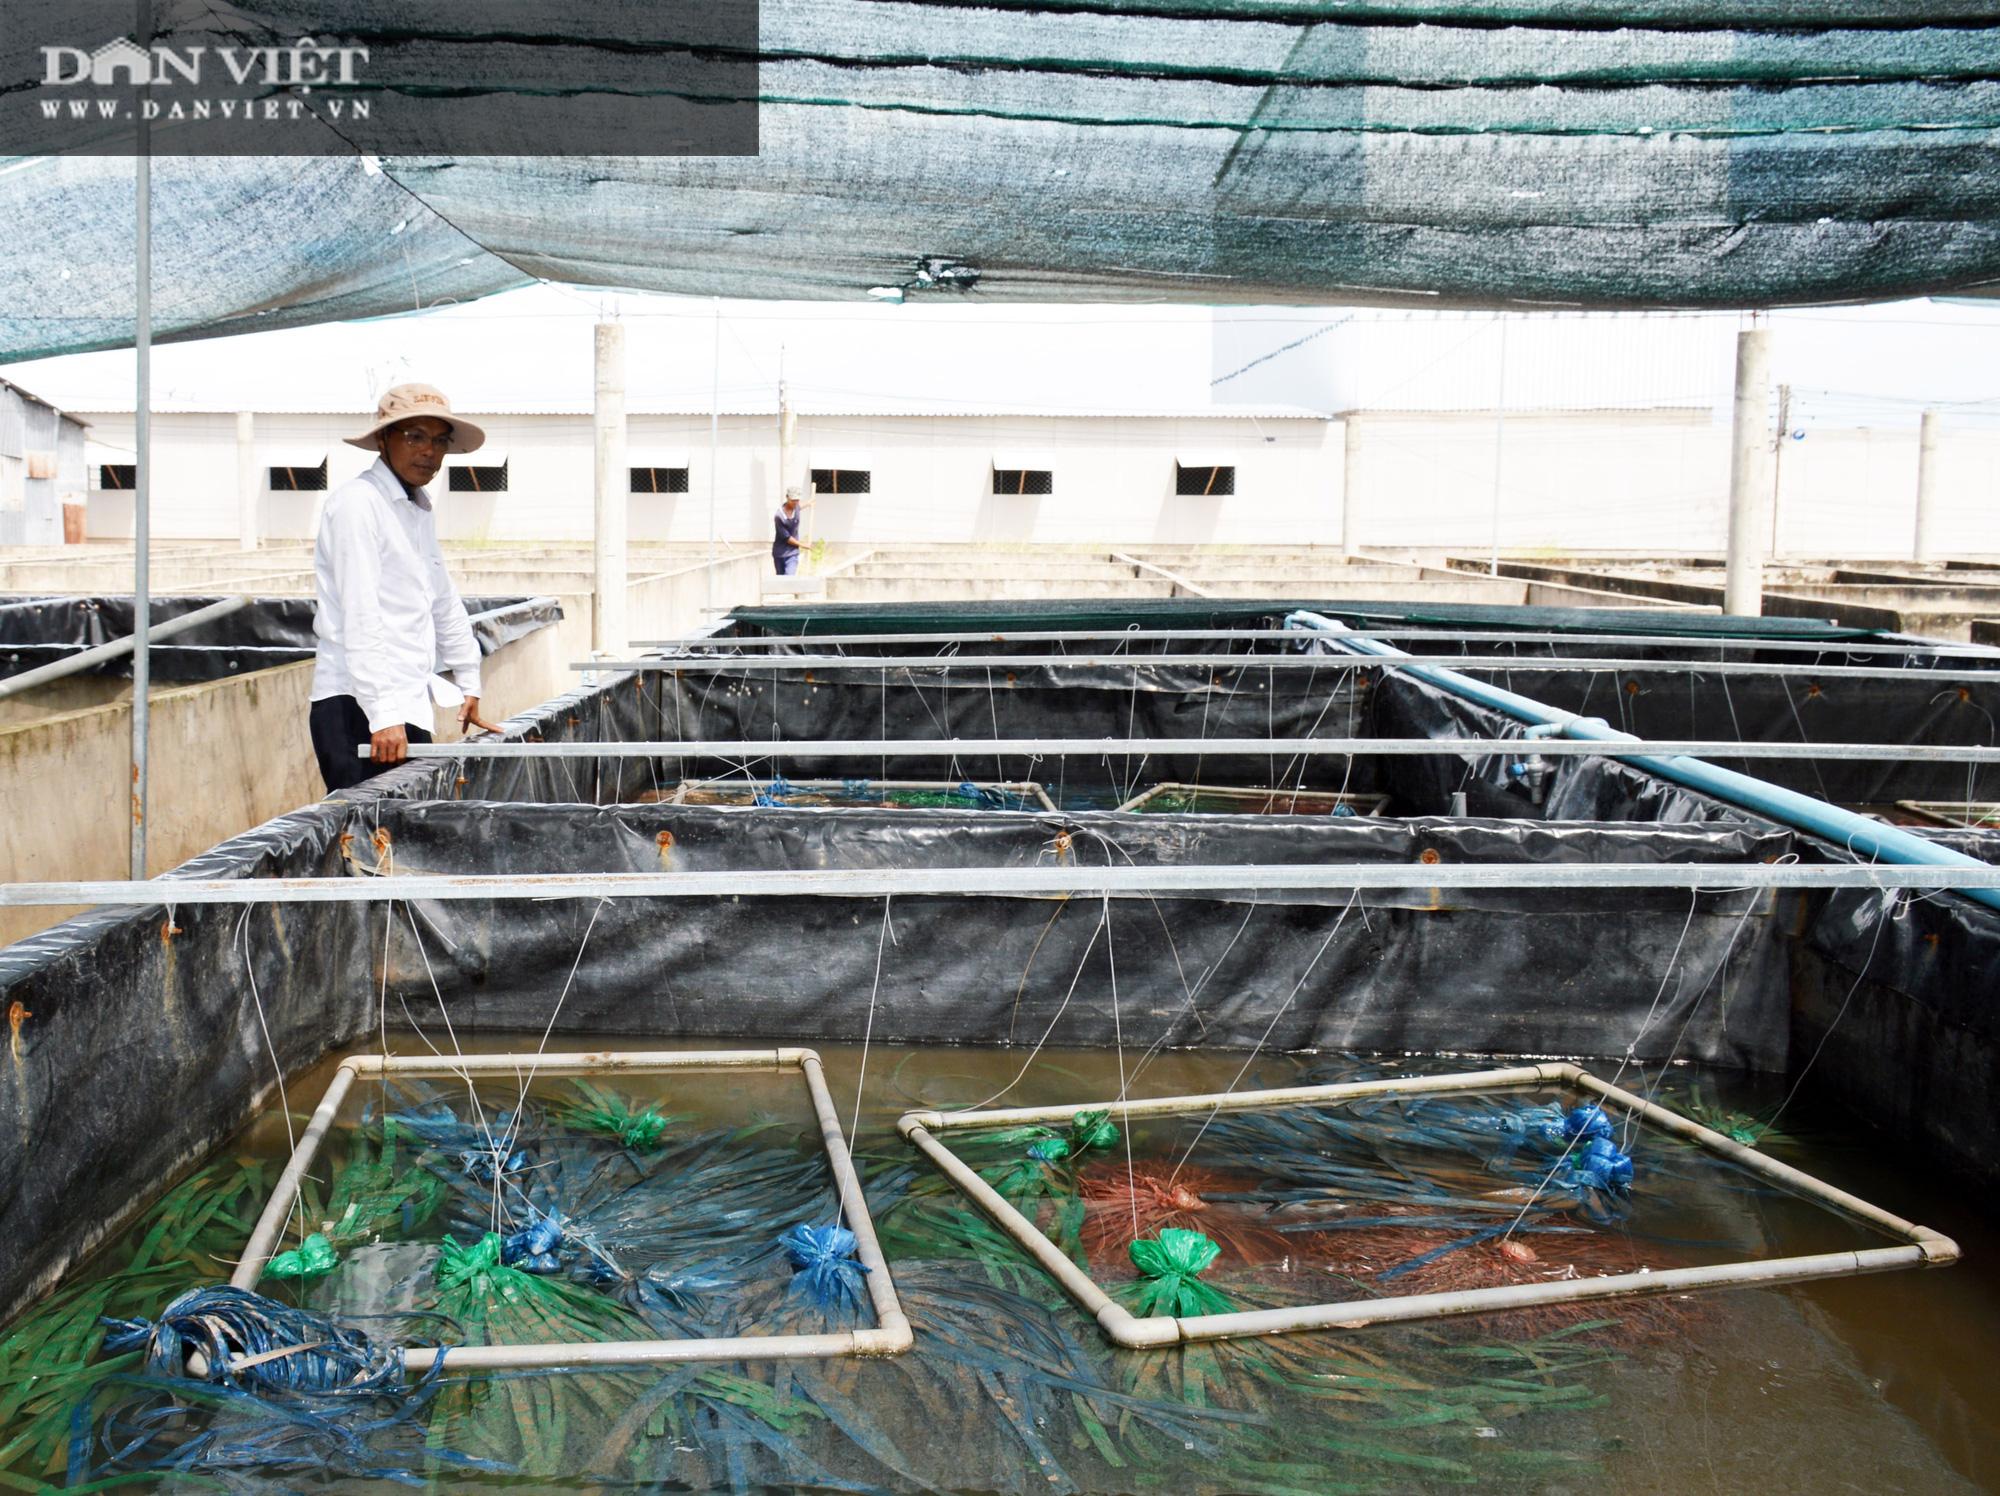 Chàng tỷ phú nông dân nuôi lươn không bùn công nghệ cao, thu lãi 40-50%/vụ - Ảnh 1.